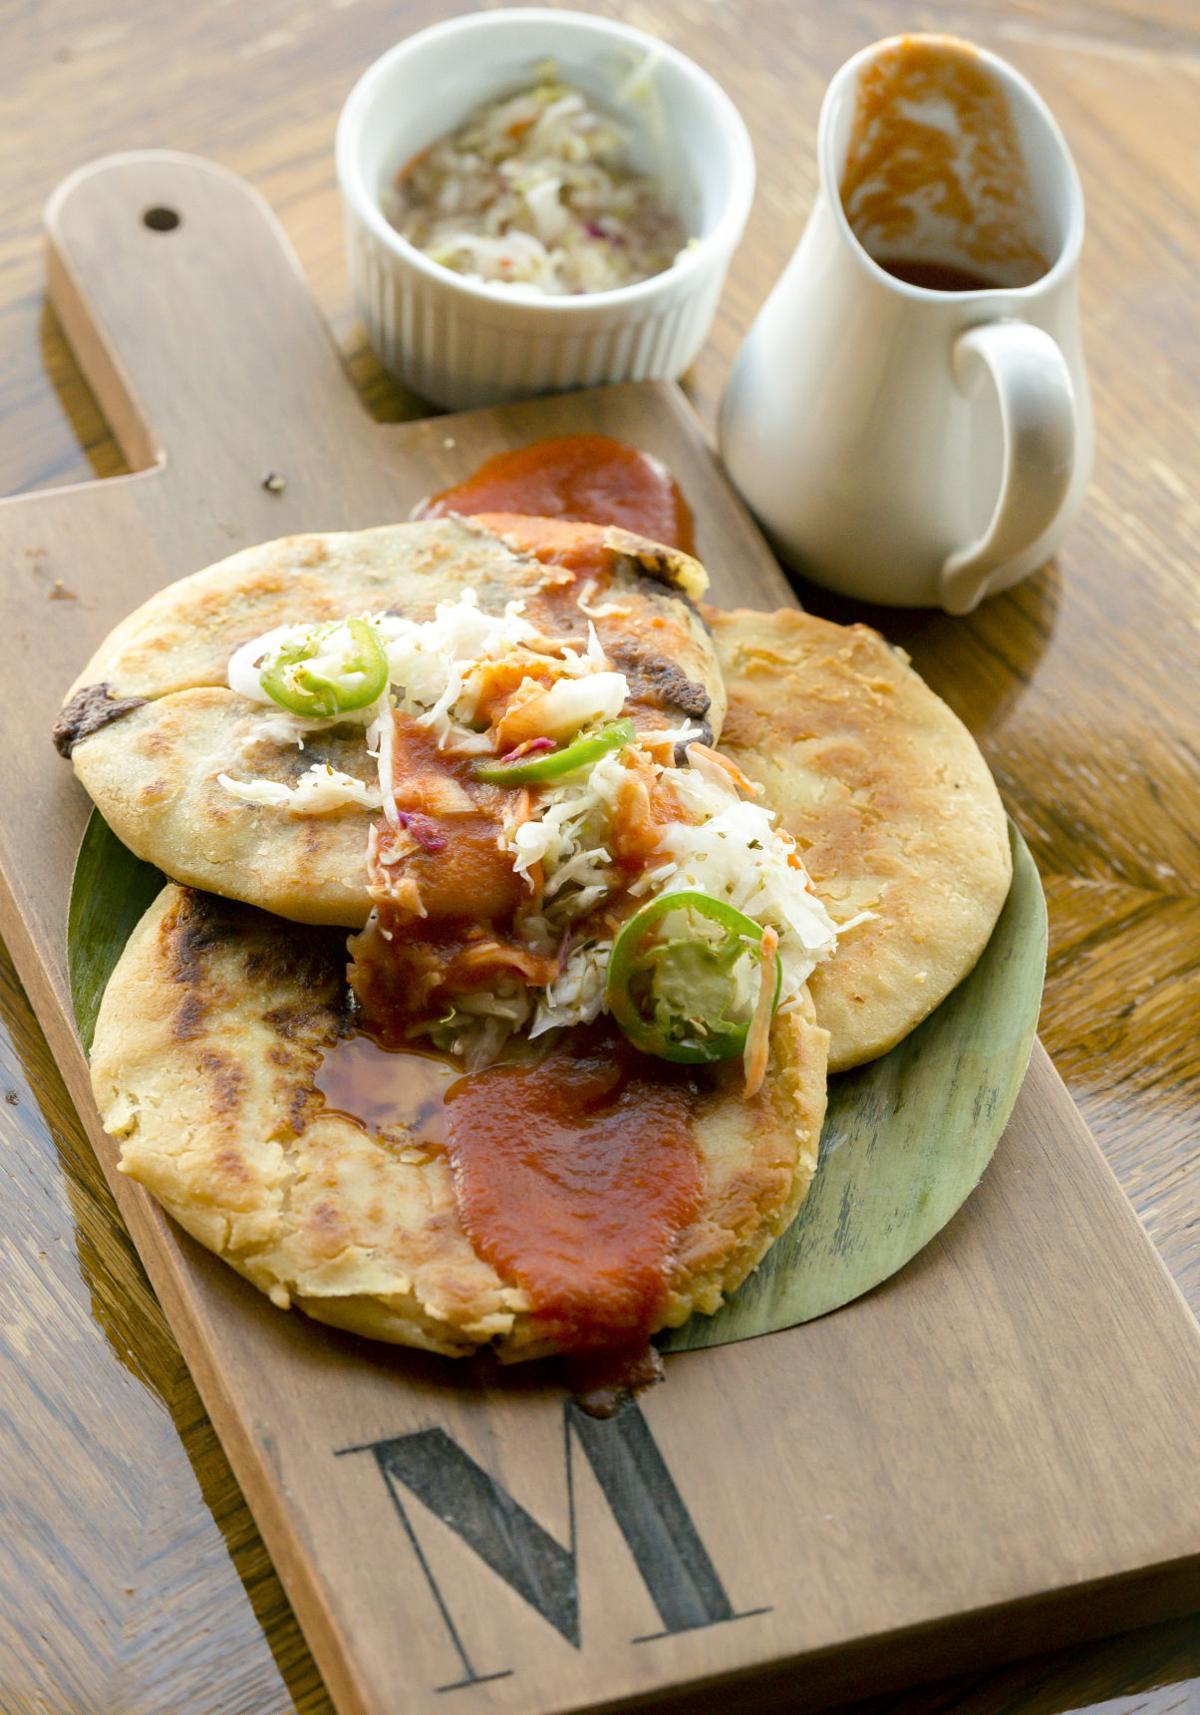 Colorado Springs chef opens a pupuseria serving foods of El Salvador ...